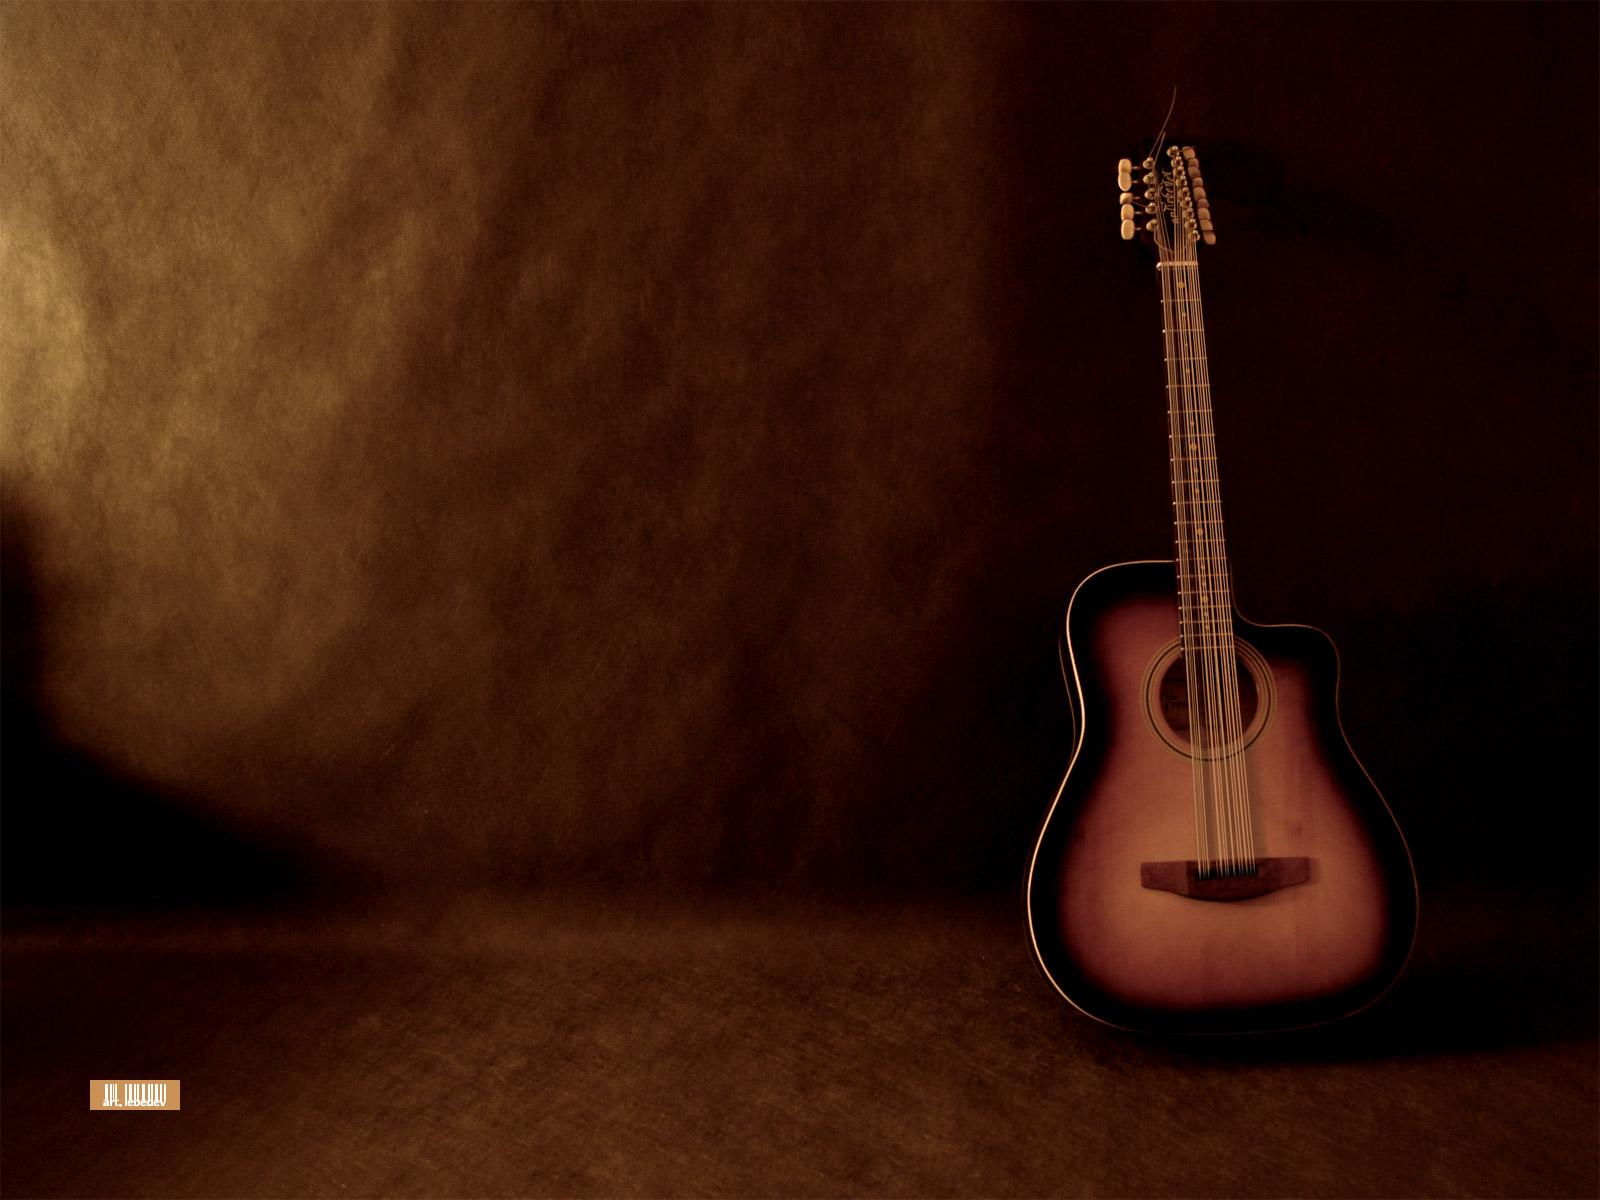 guitarfc.com_Guitar Bg (13)